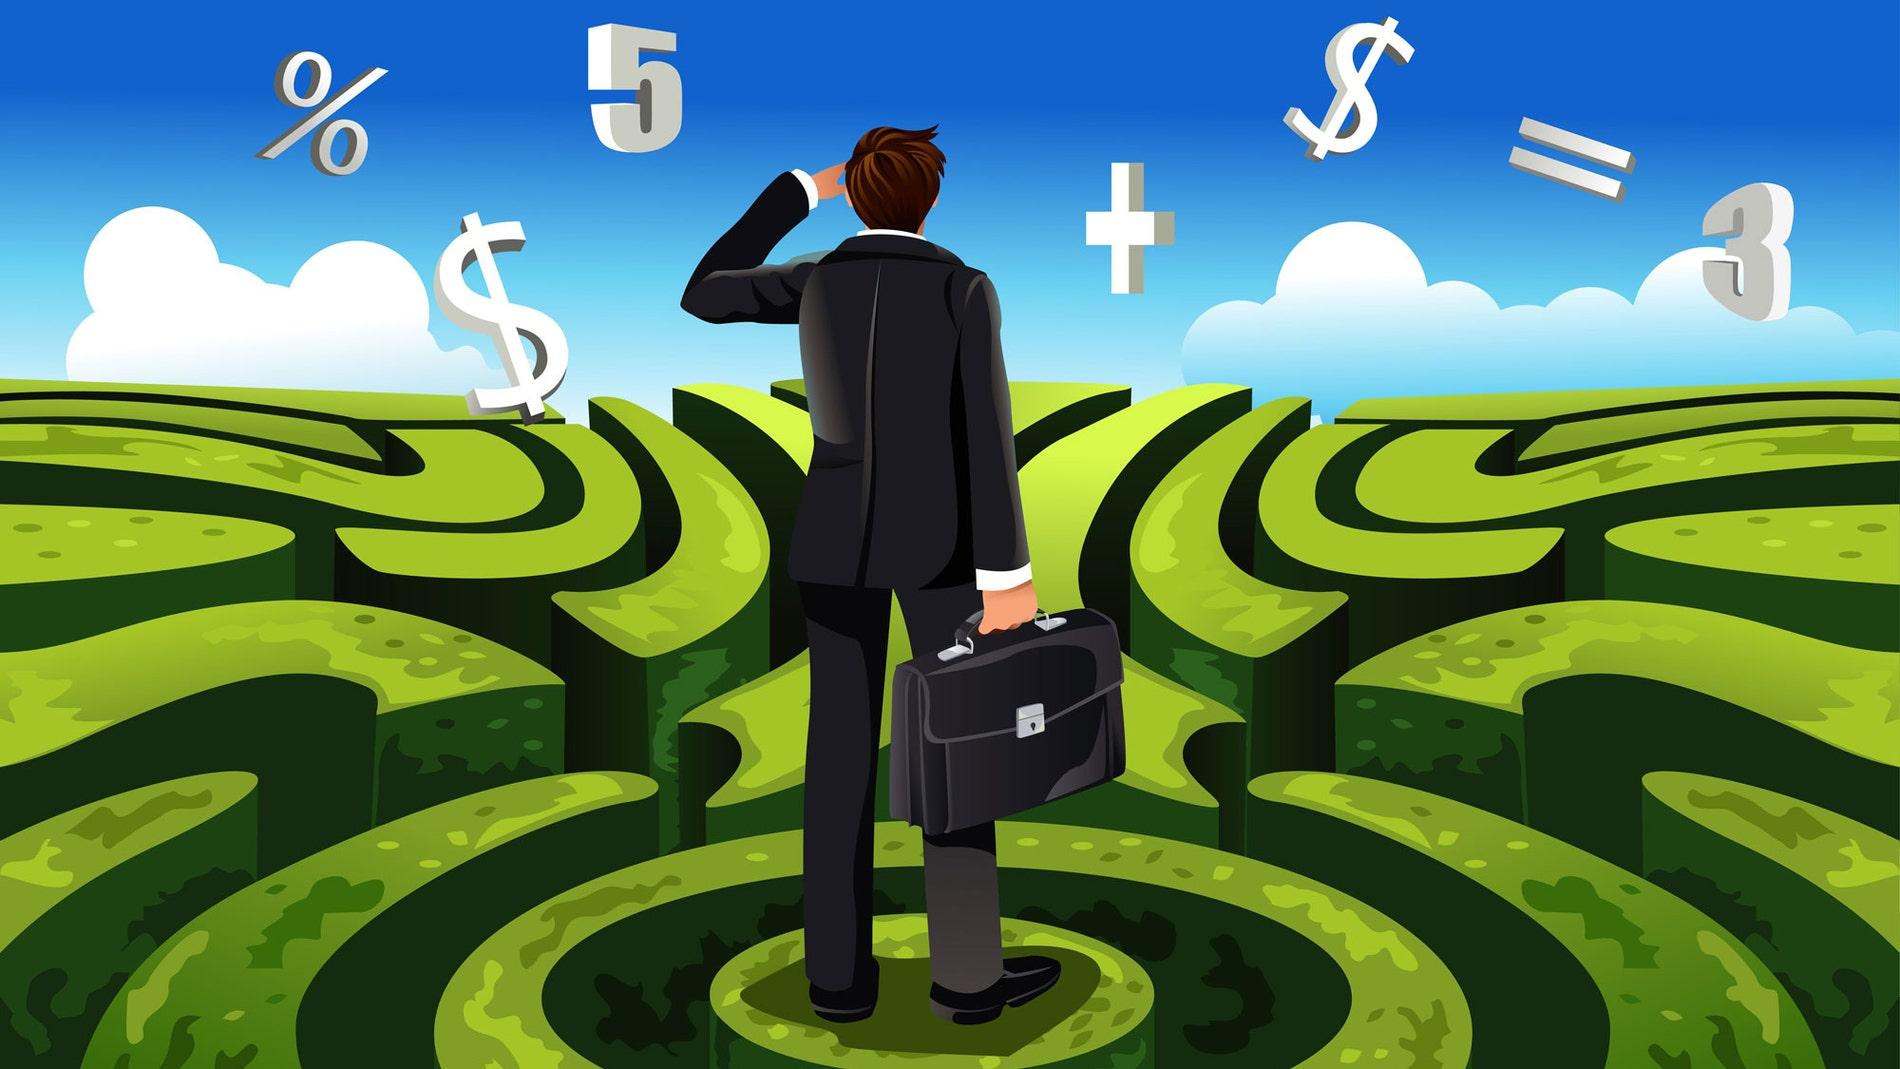 Buscar financiación para una buena idea cada vez es menos difícil